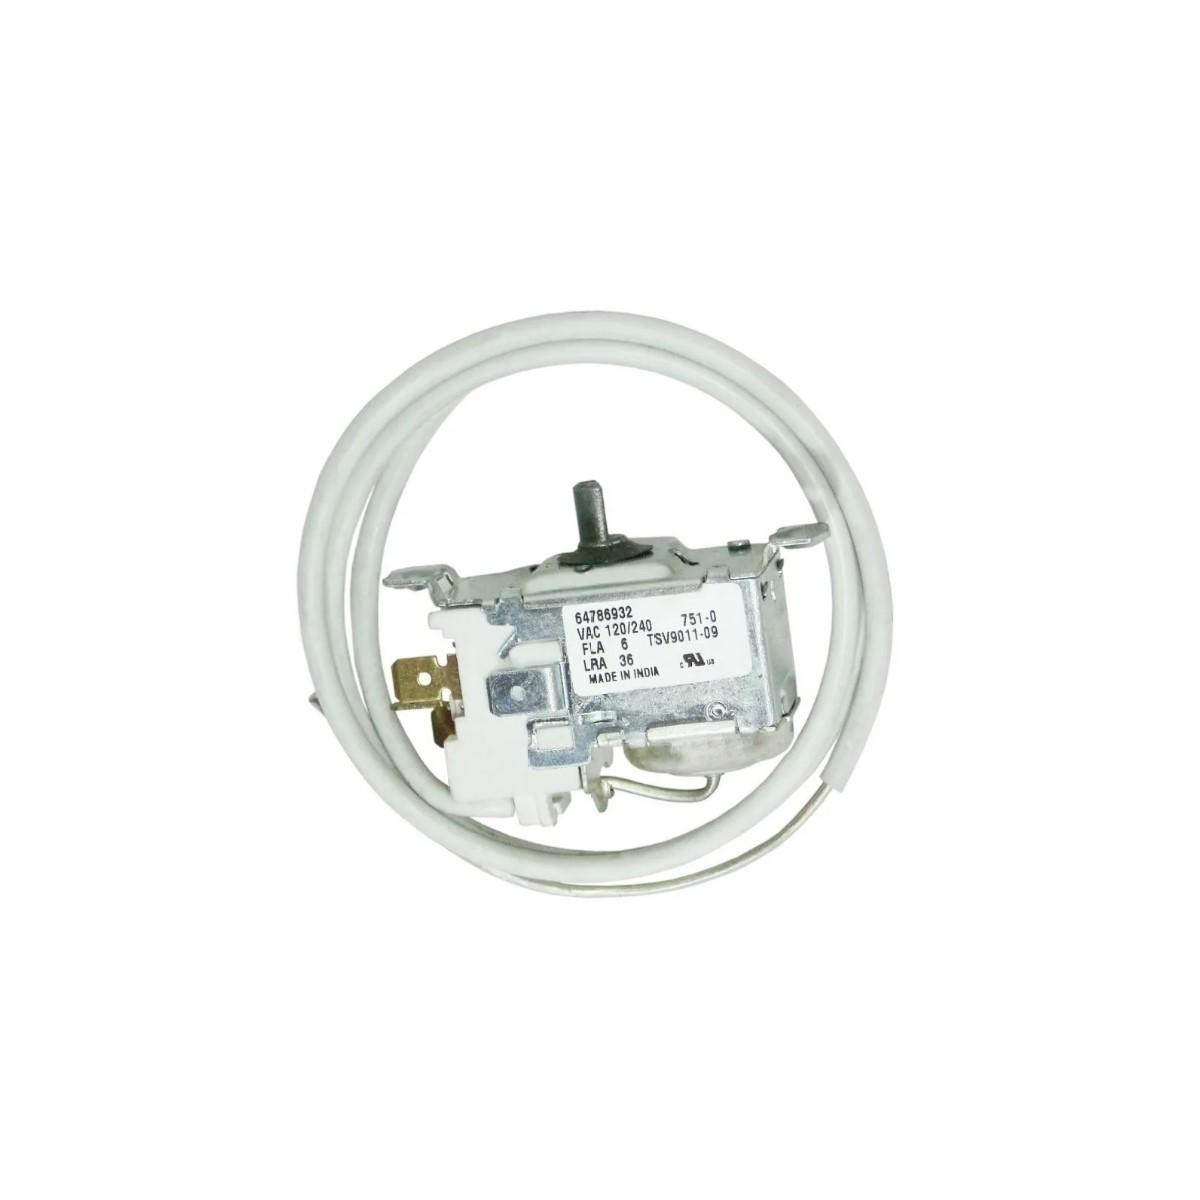 Termostato Geladeira Electrolux Dc41 64786932 Tsv9011-09